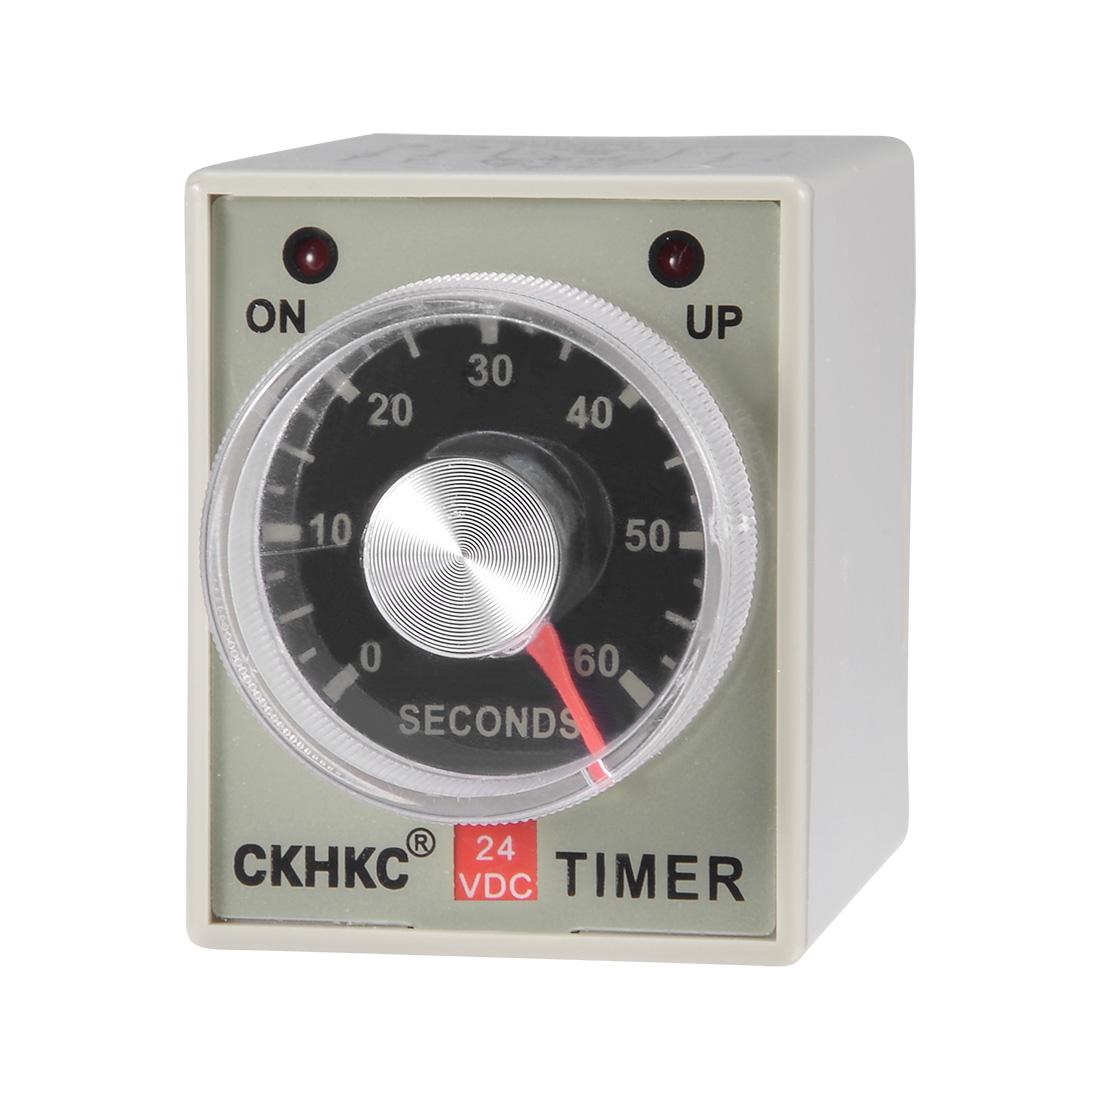 DC24V 60S 8 Terminals Range Adjustable Delay Timer Time Relay AH3-3